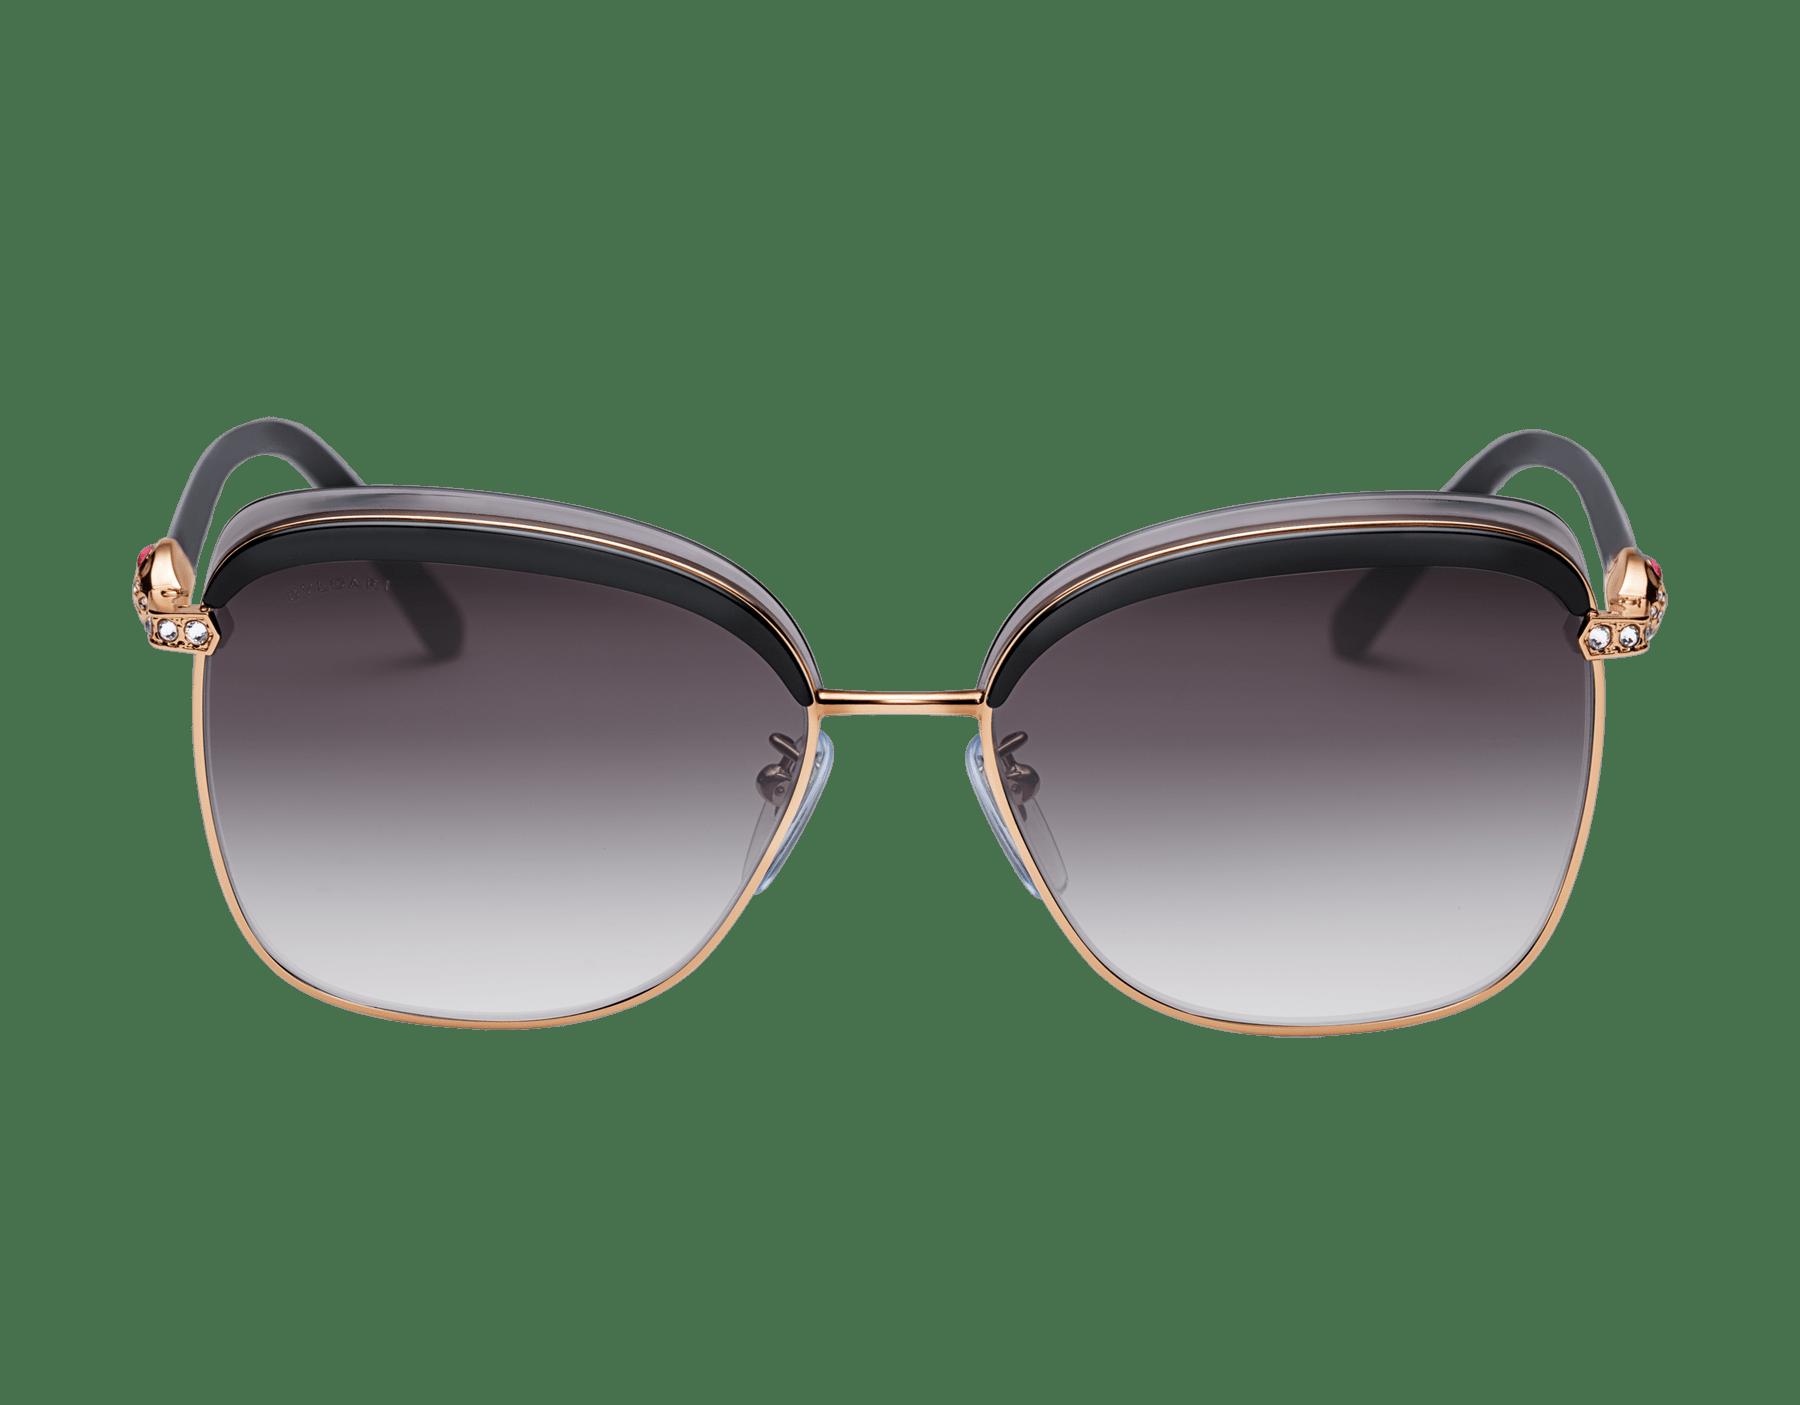 Bvlgari Serpenti squared metal sunglasses. 903659 image 2